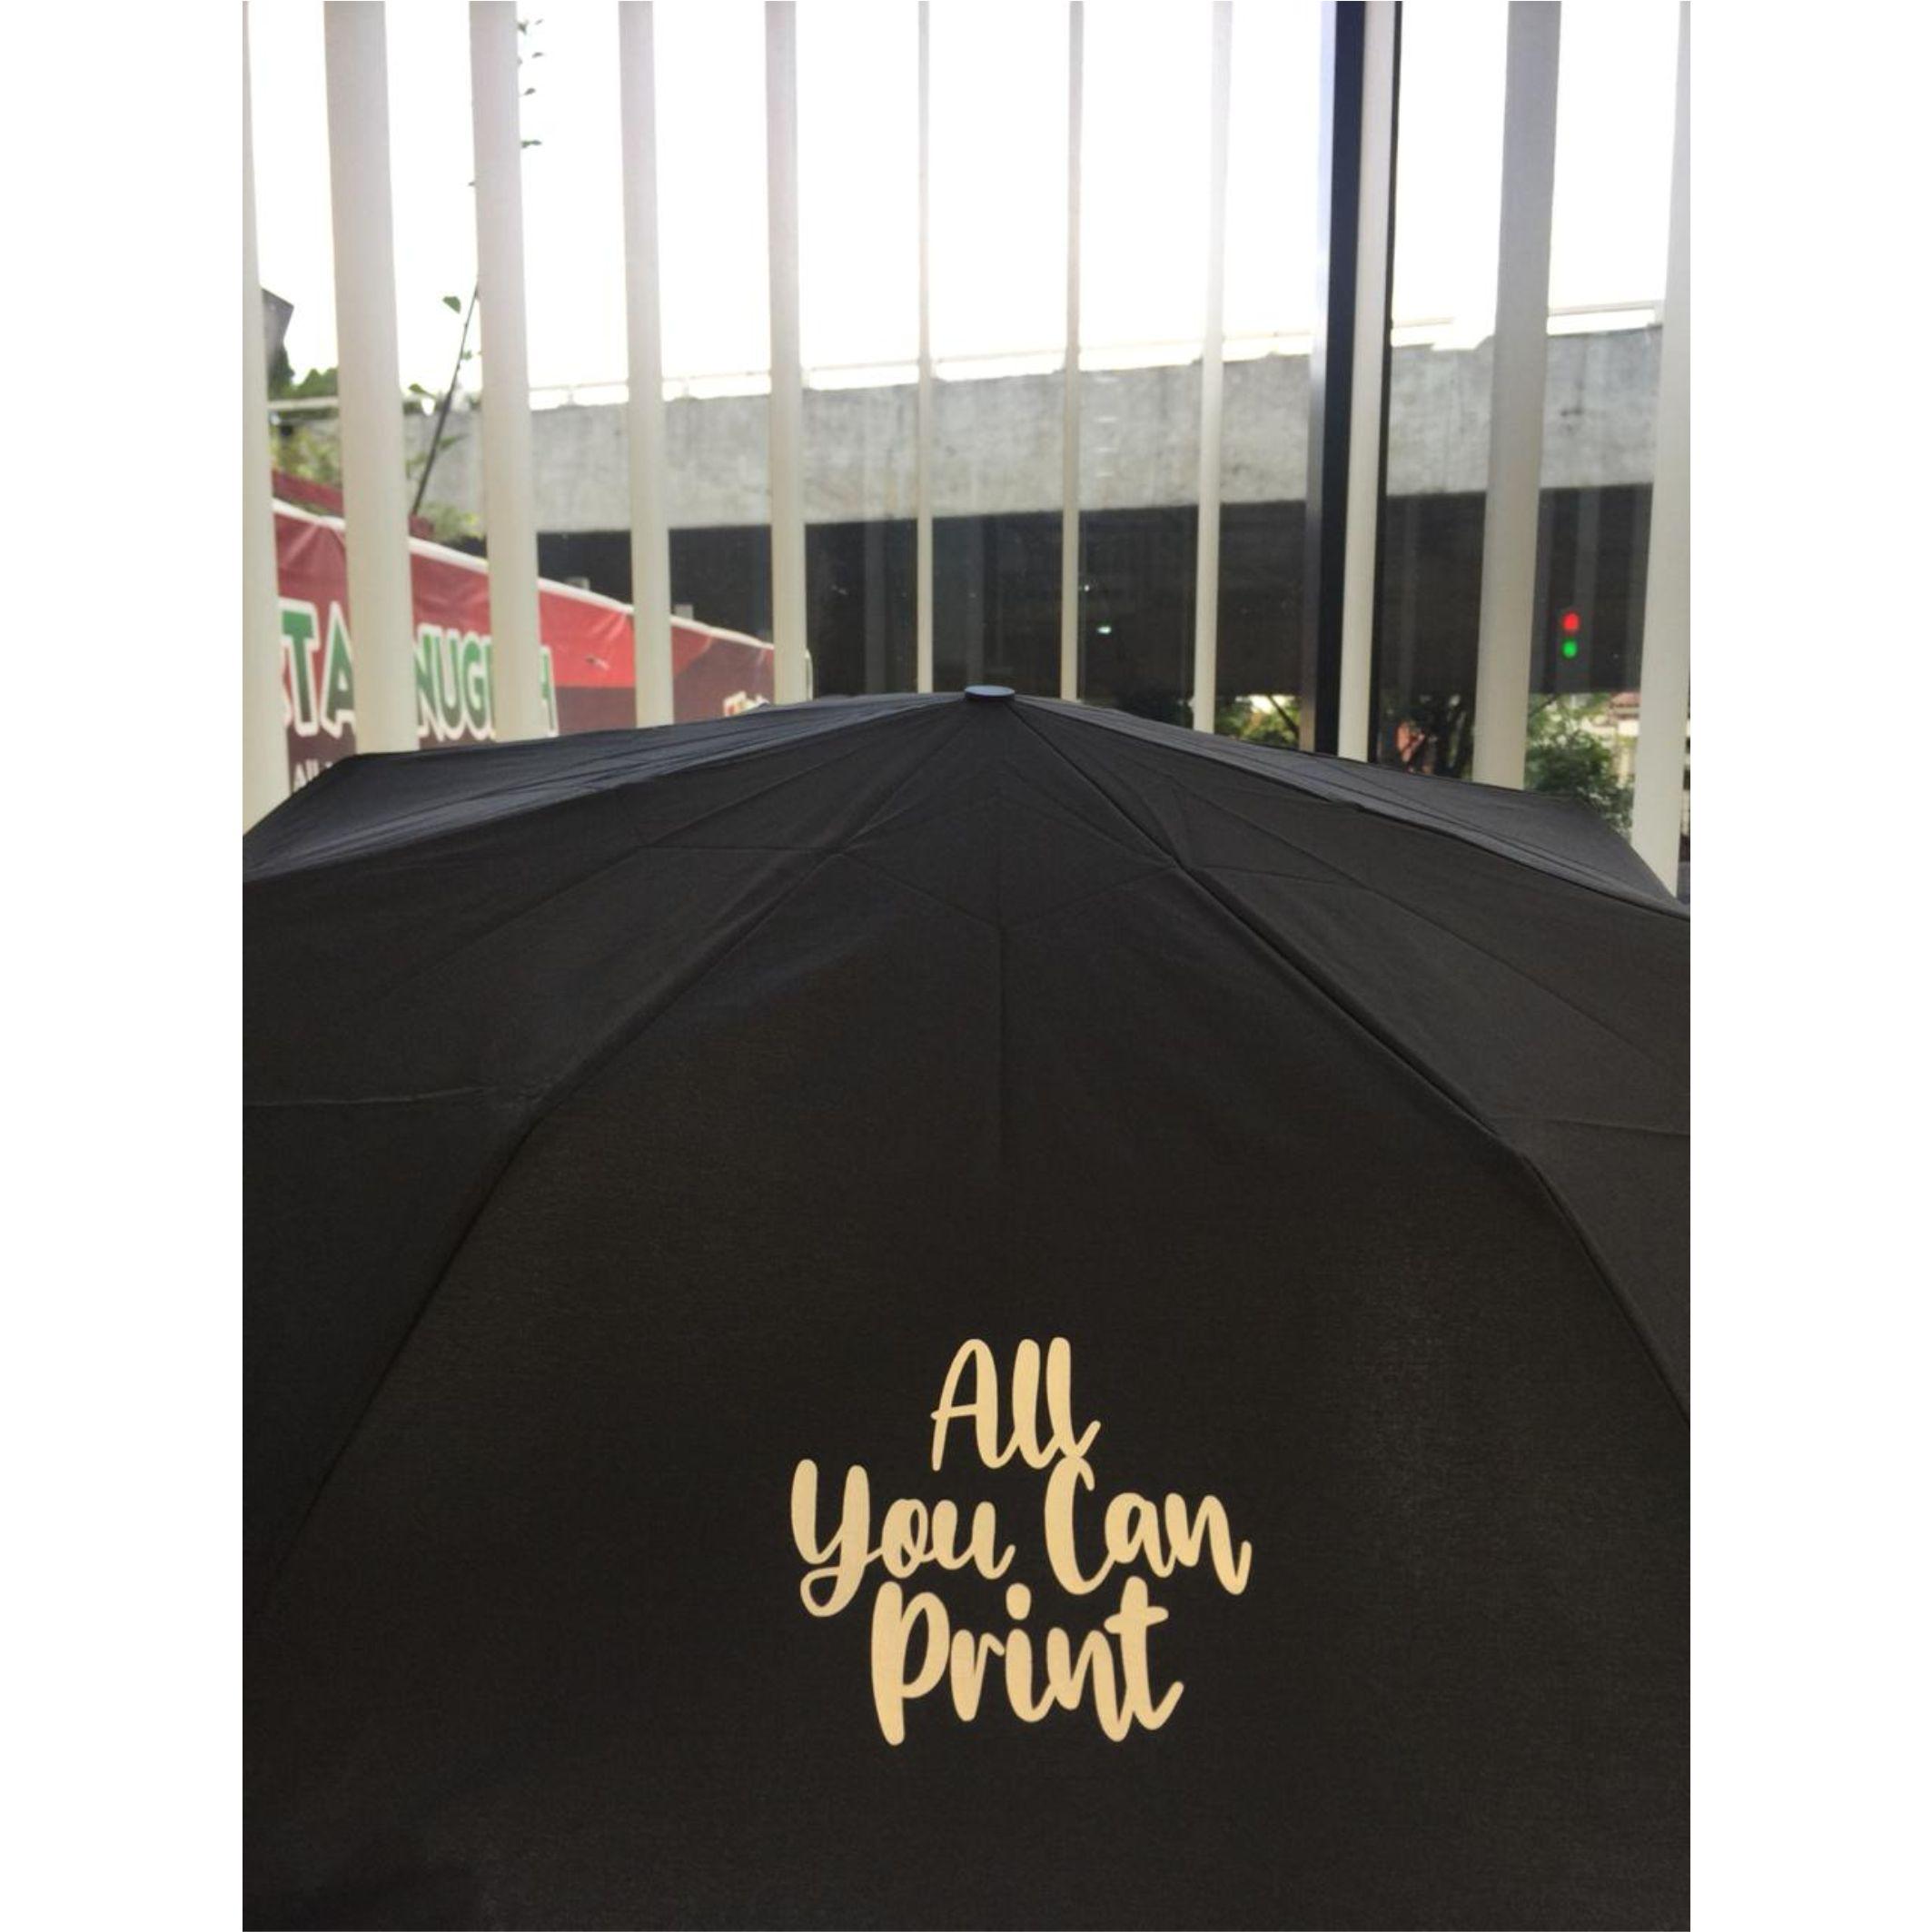 Payung Lipat Hitam